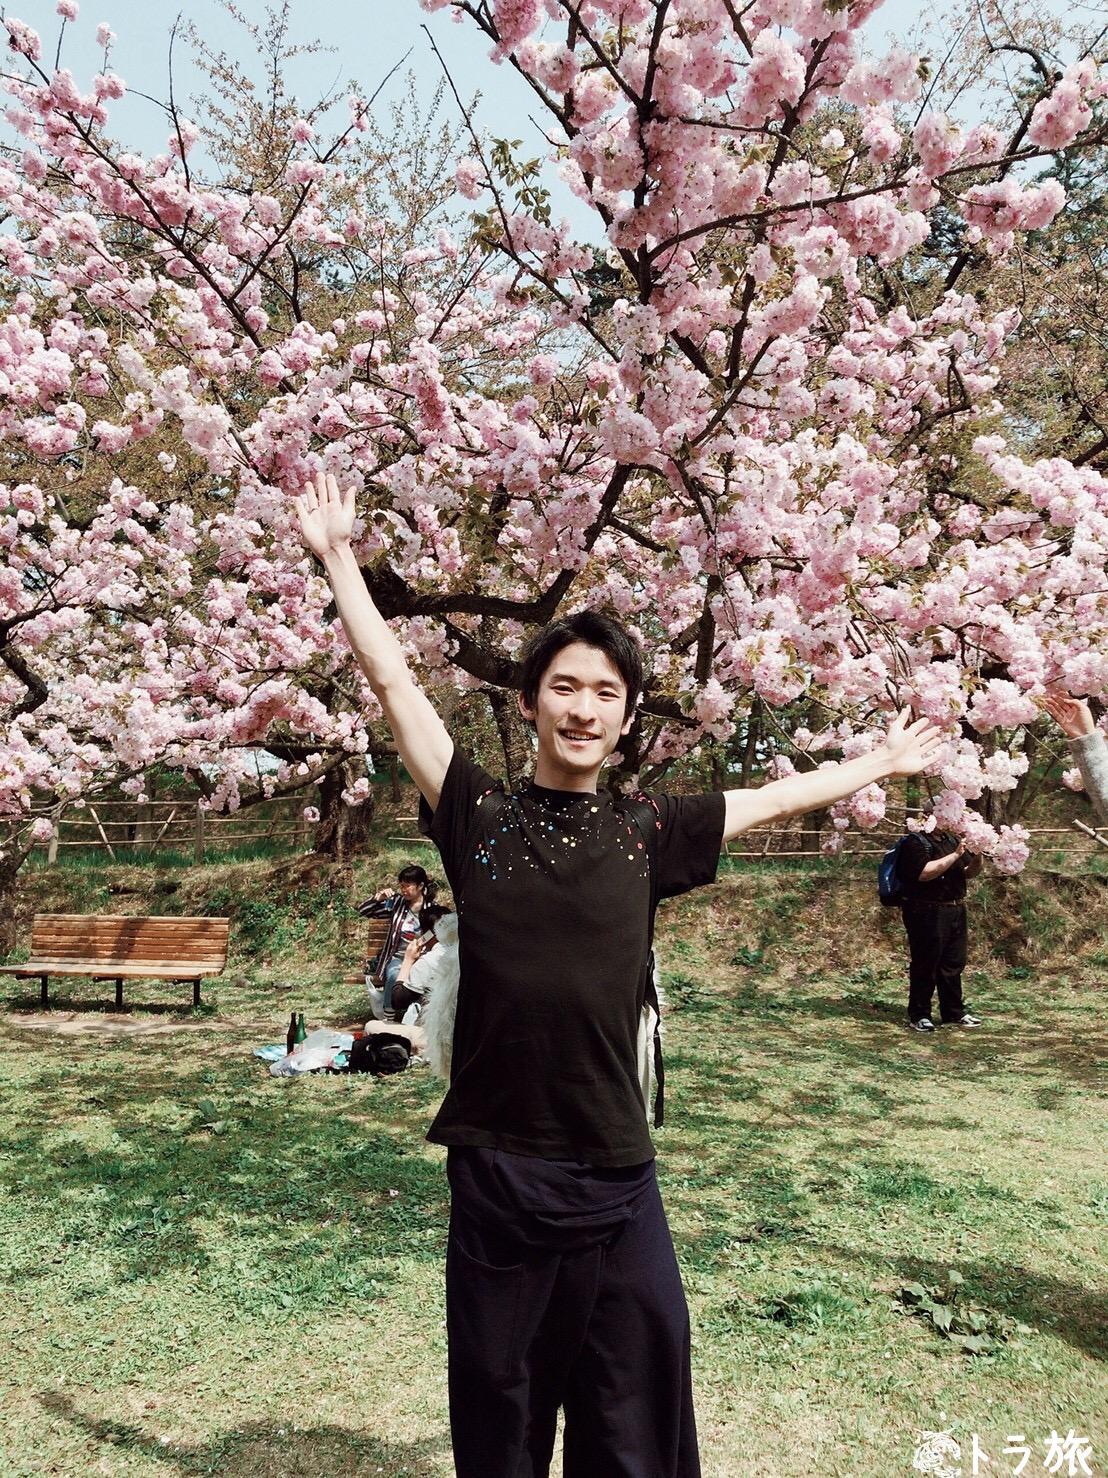 【青森】4月下旬でもまだ花見ができる弘前の桜祭り!